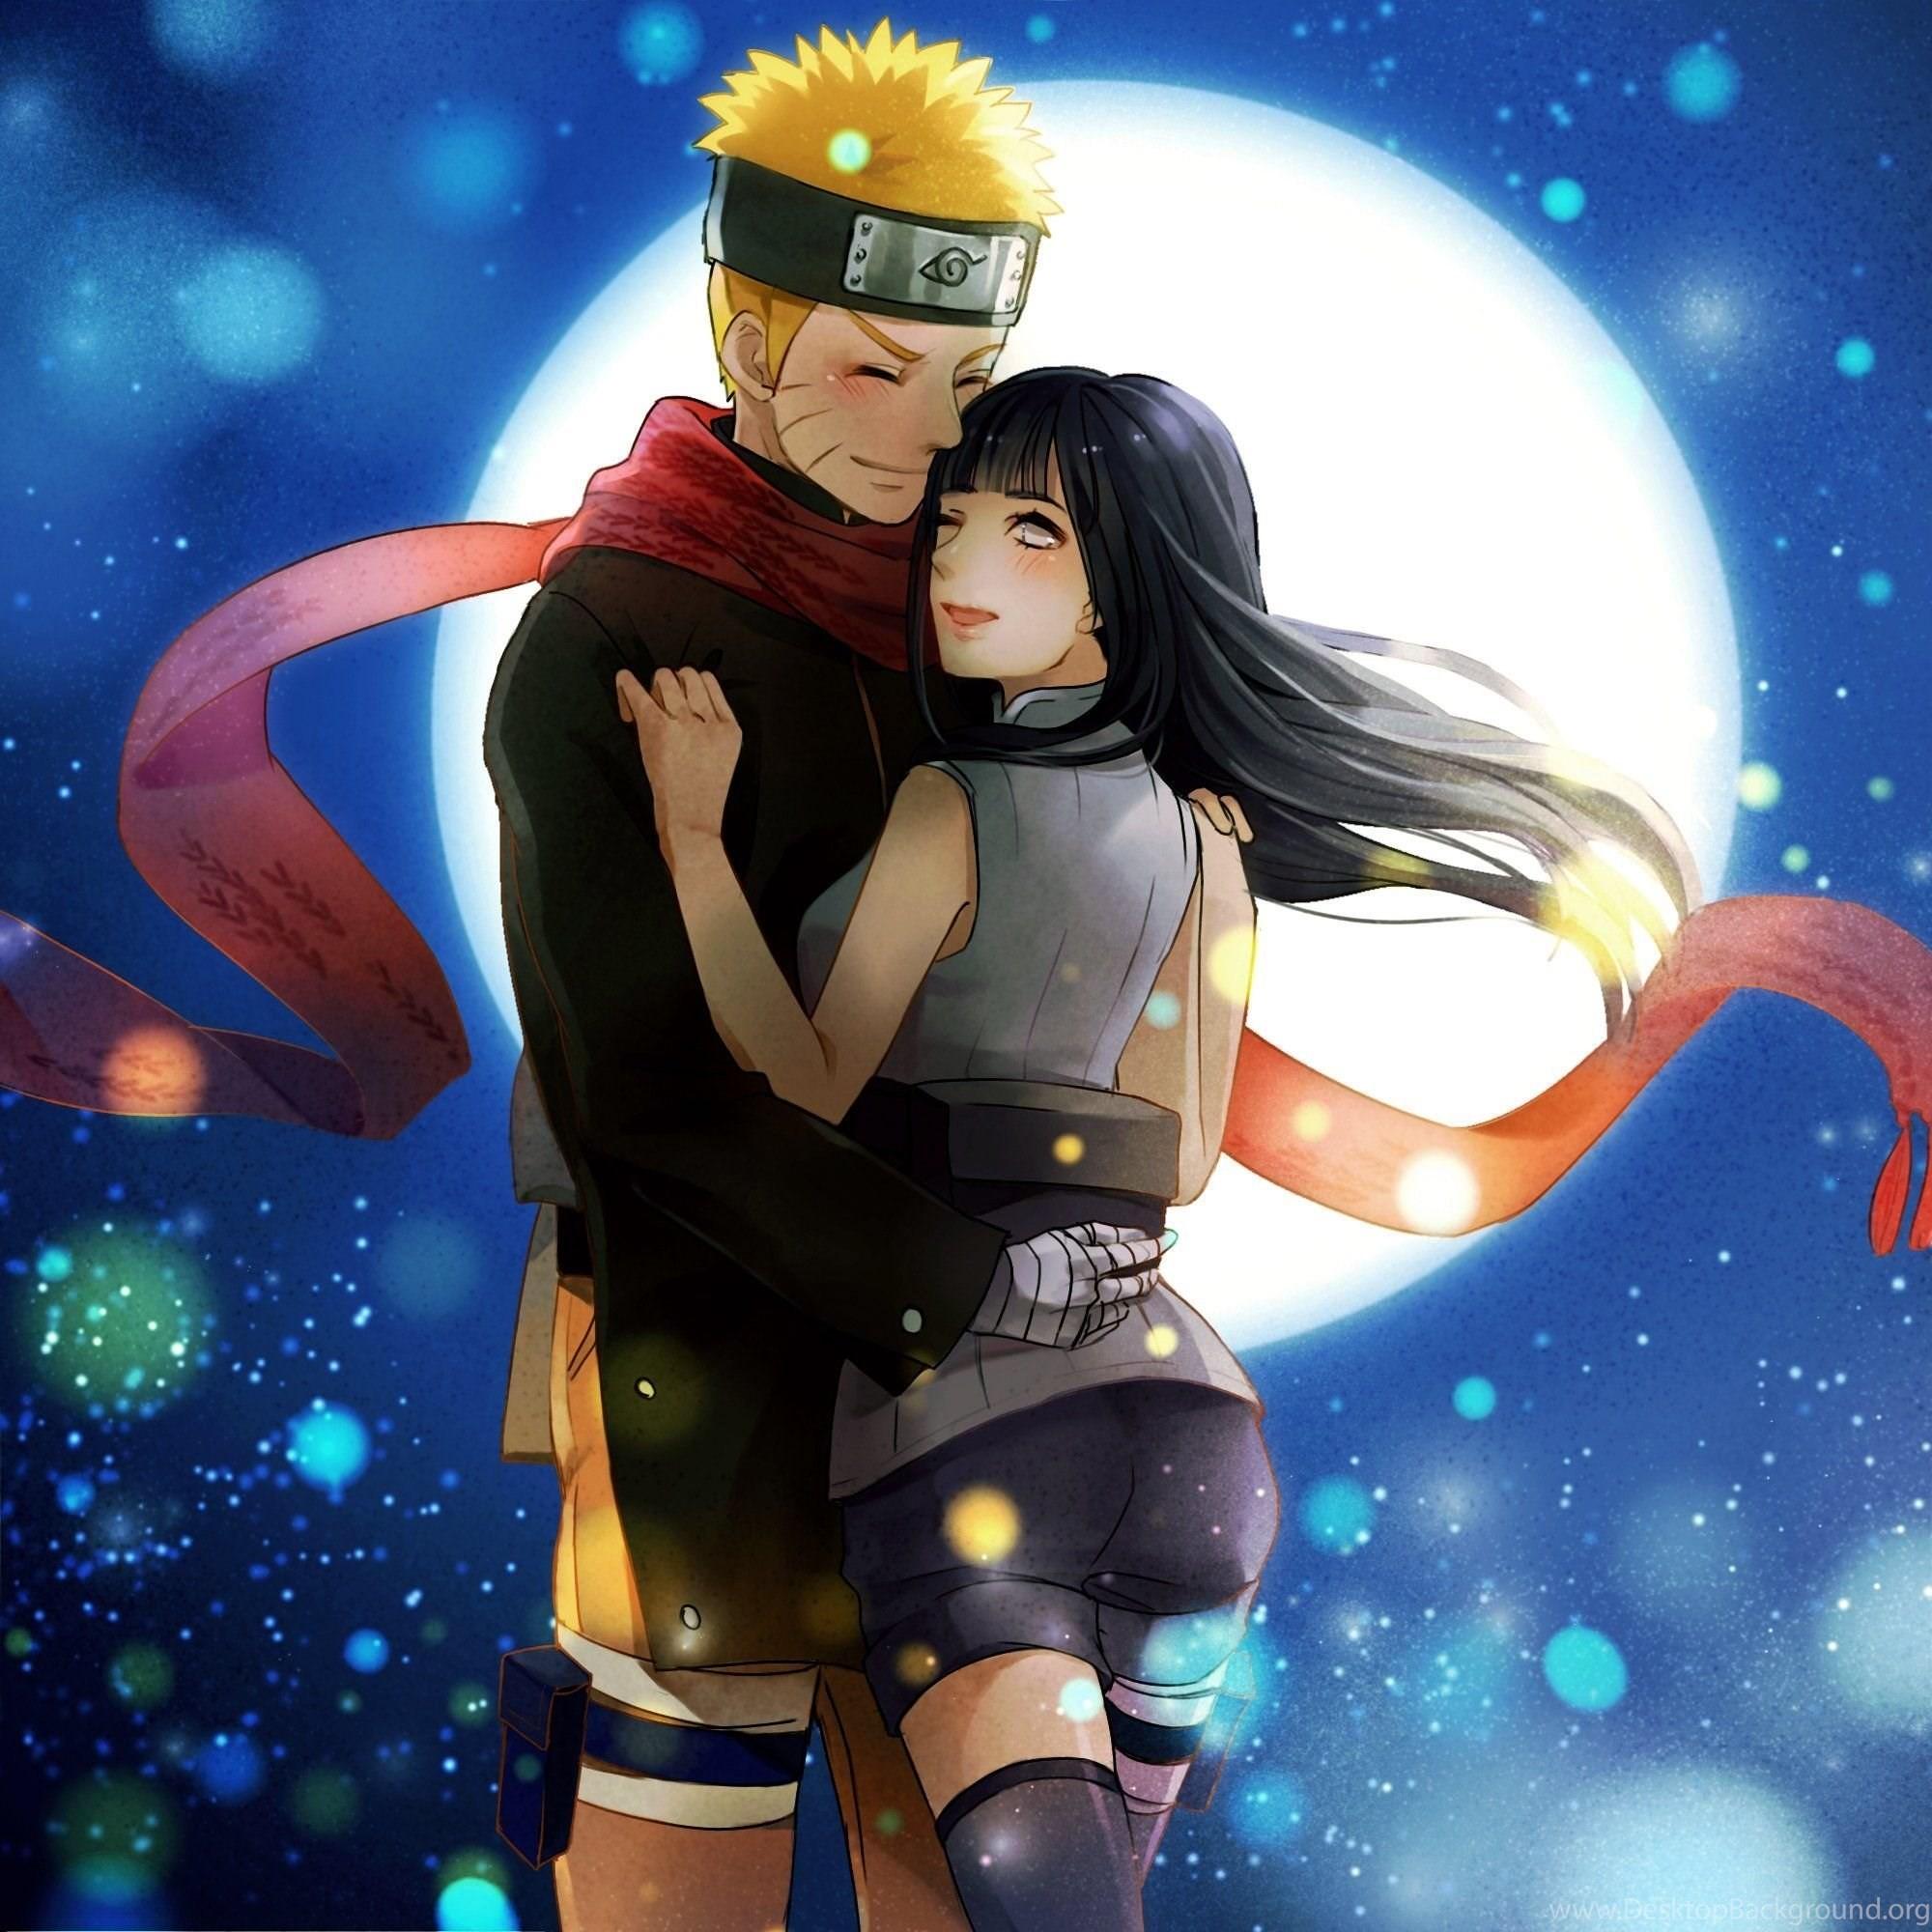 Naruto Girl Wallpaper Hd Naruto Love Hinata Wallpaper 64 Images